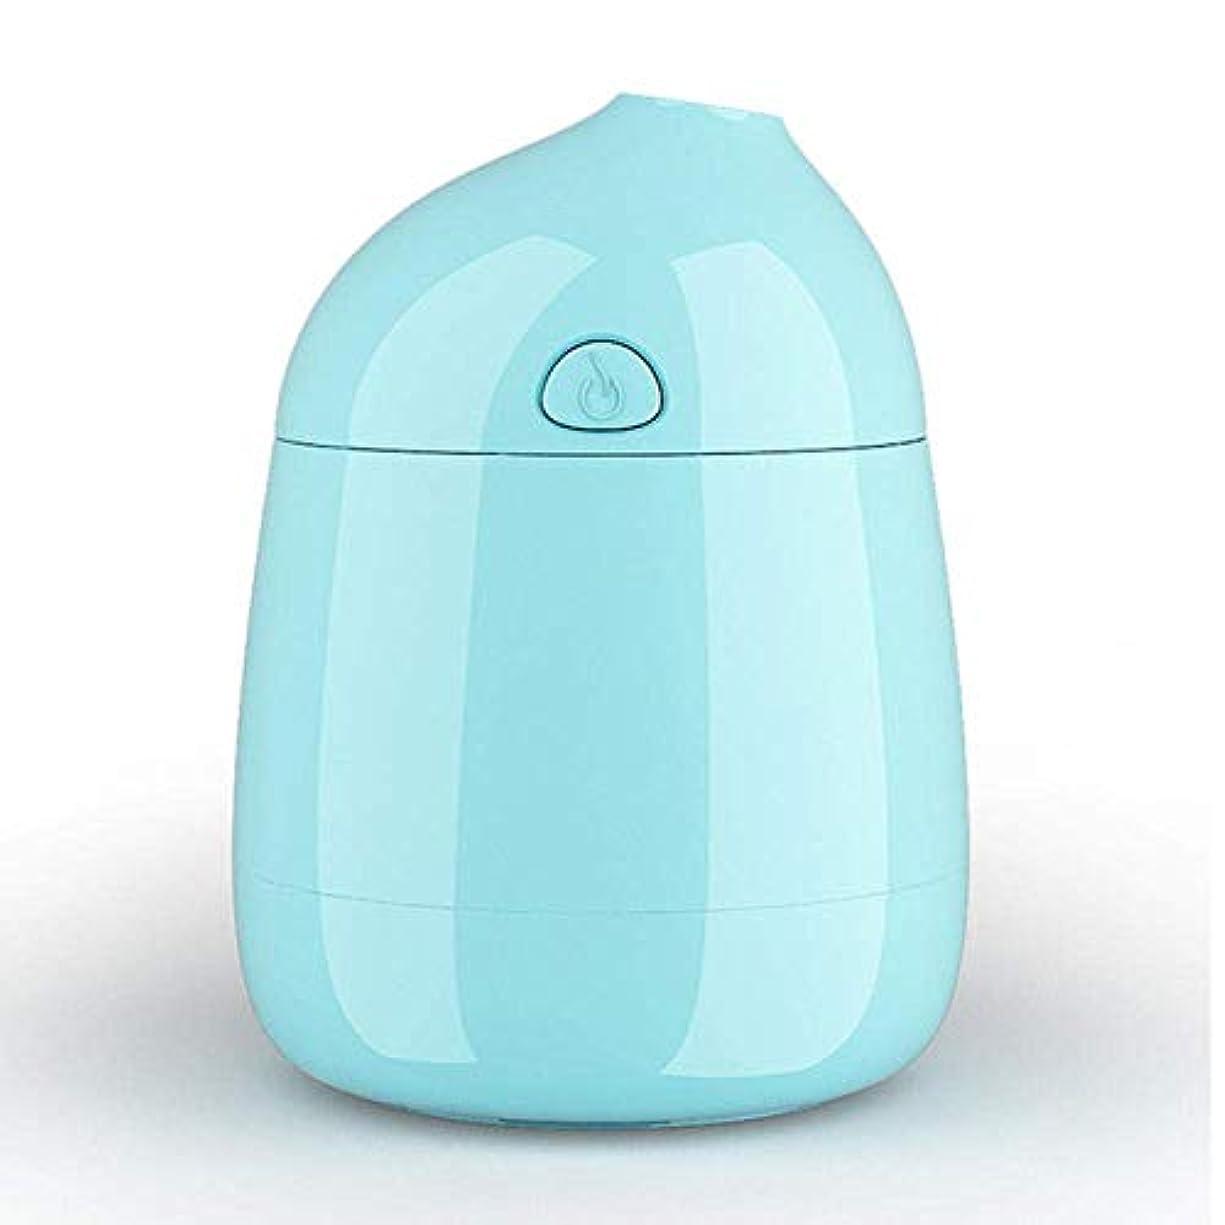 聴衆関与するメンダシティSOTCE アロマディフューザー加湿器超音波霧化技術満足のいく解決策美しい装飾湿潤環境思慮ギフト (Color : Blue)